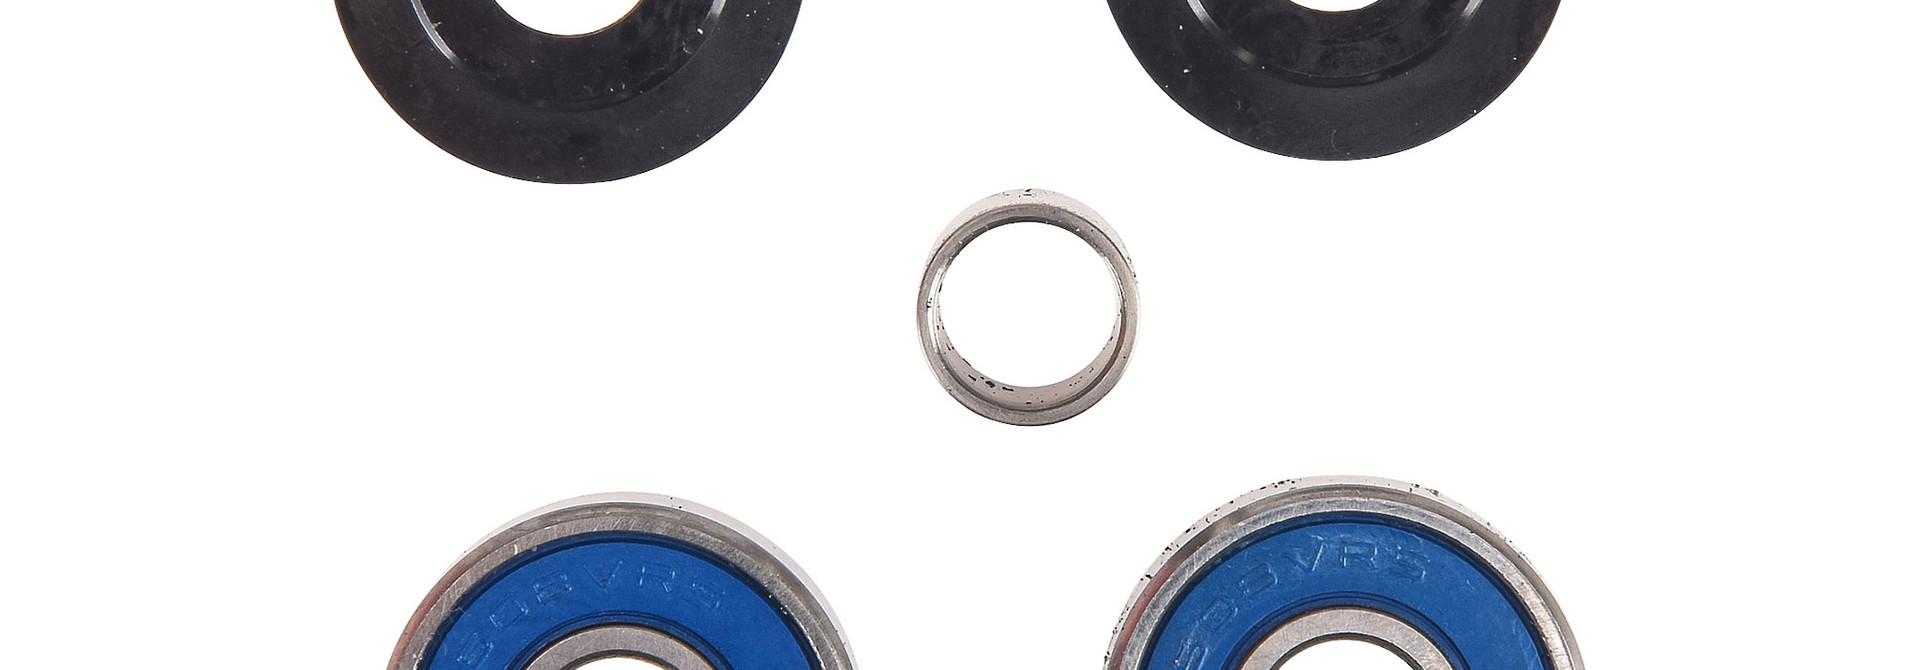 RockShox, Eyelet Bearing Kit - Deluxe/Super Deluxe